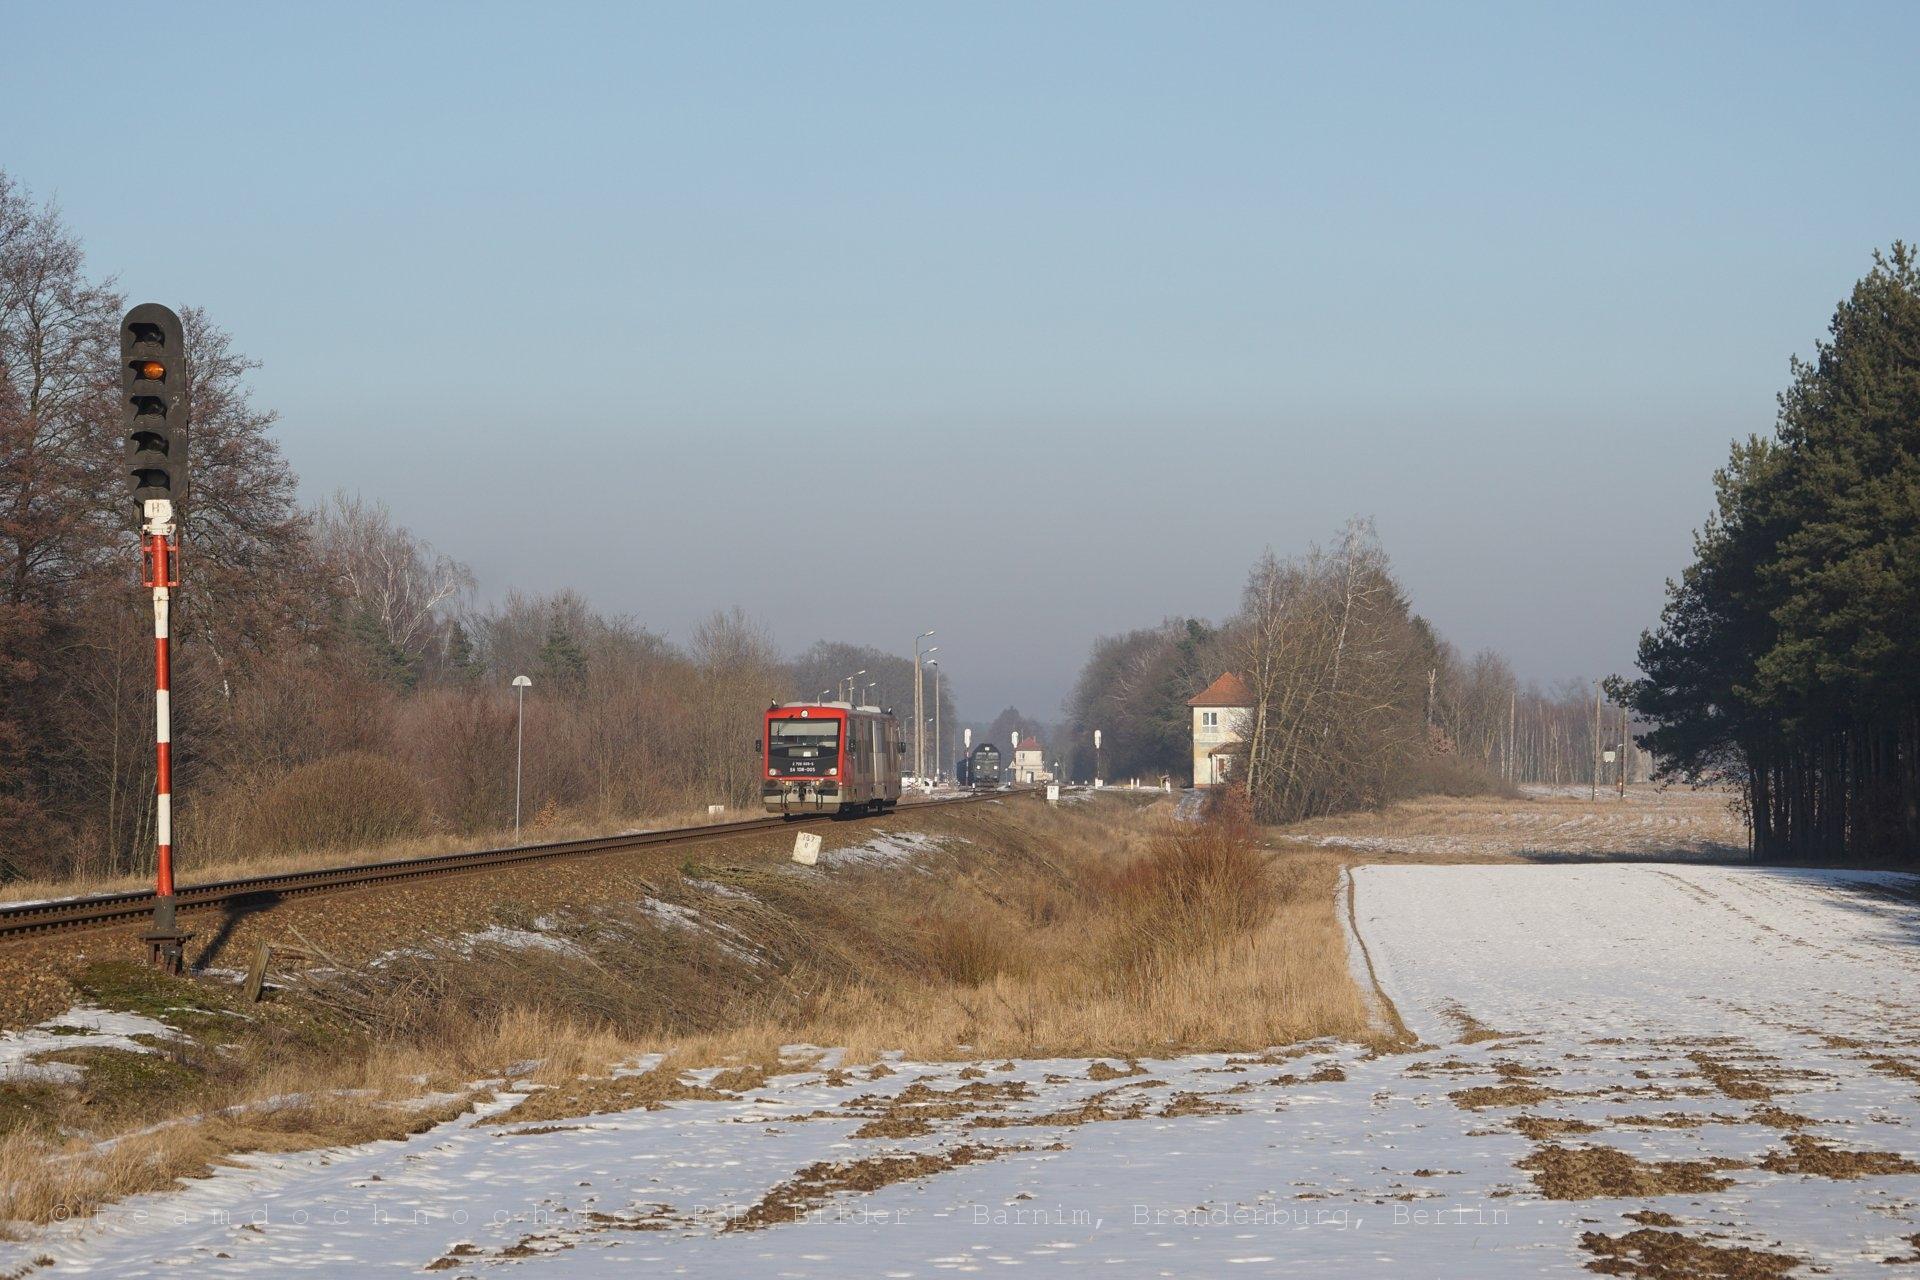 SA108-005 bei Einfahrt in den Bahnhof Krajenka